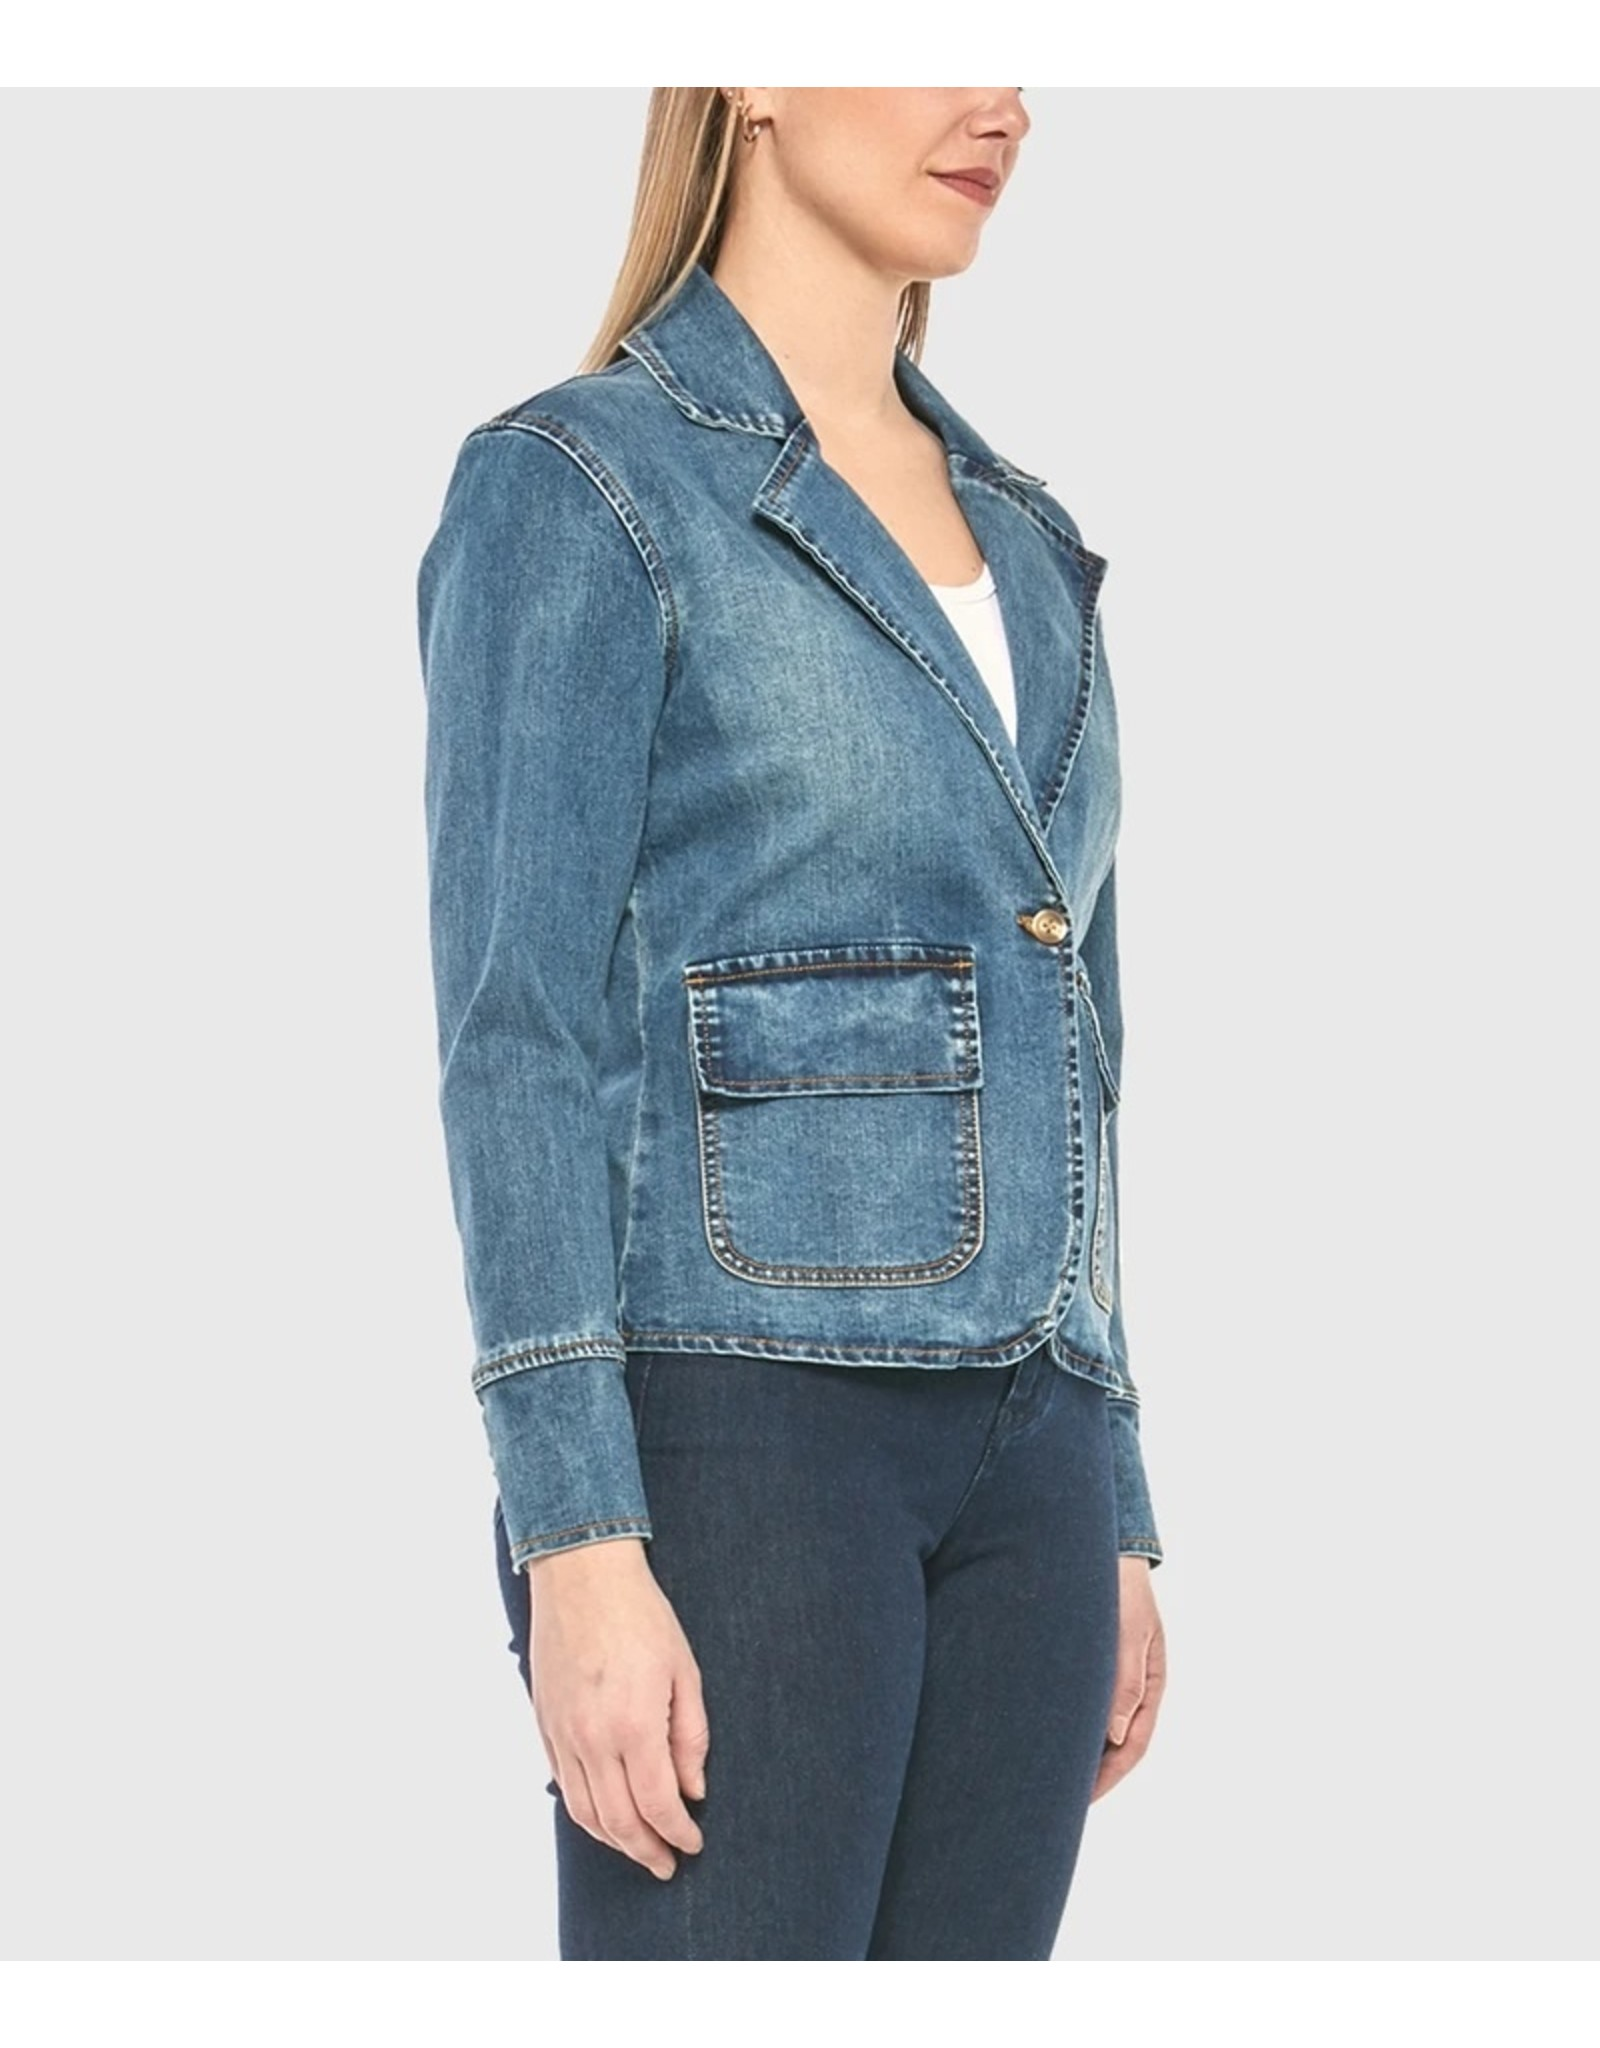 Lola Jeans Denim Blazer